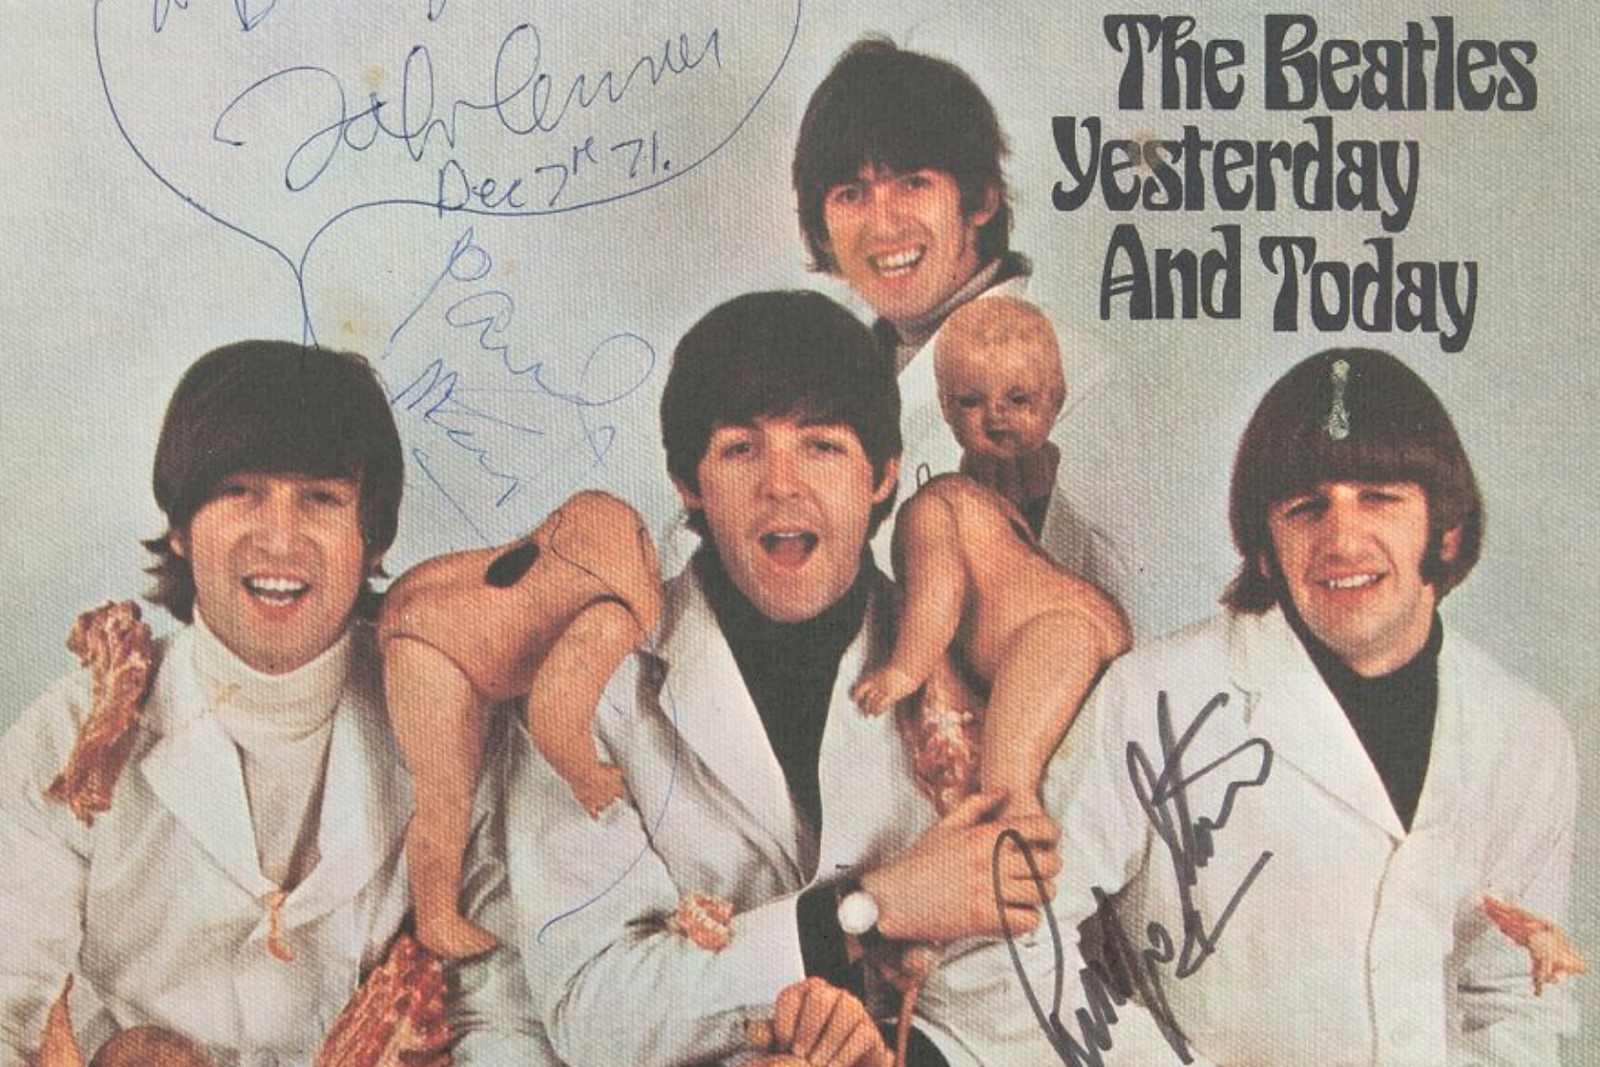 John Lennon's Copy of Beatles' 'Butcher Cover' Sells for $234K